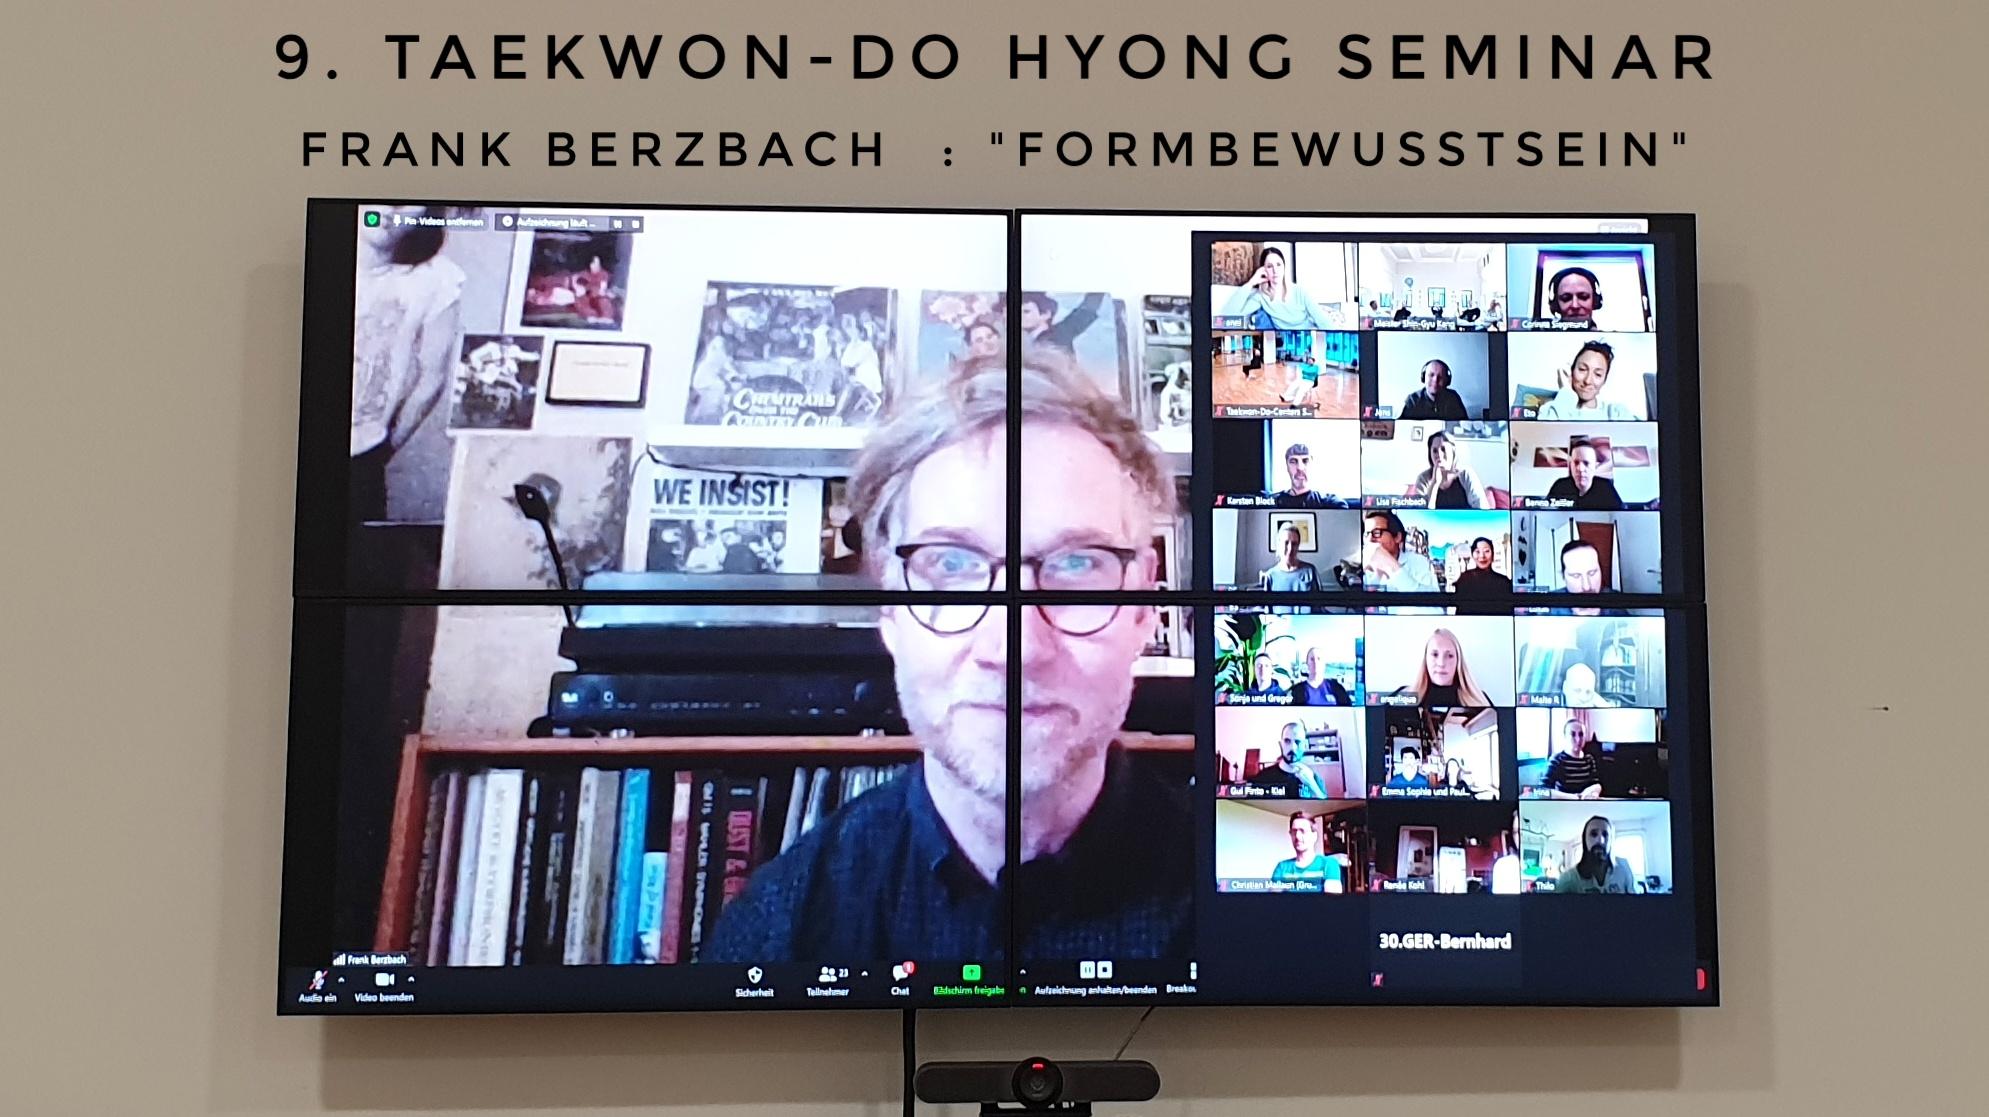 Feedbacks zum 9. Taekwon-Do Hyong Seminar